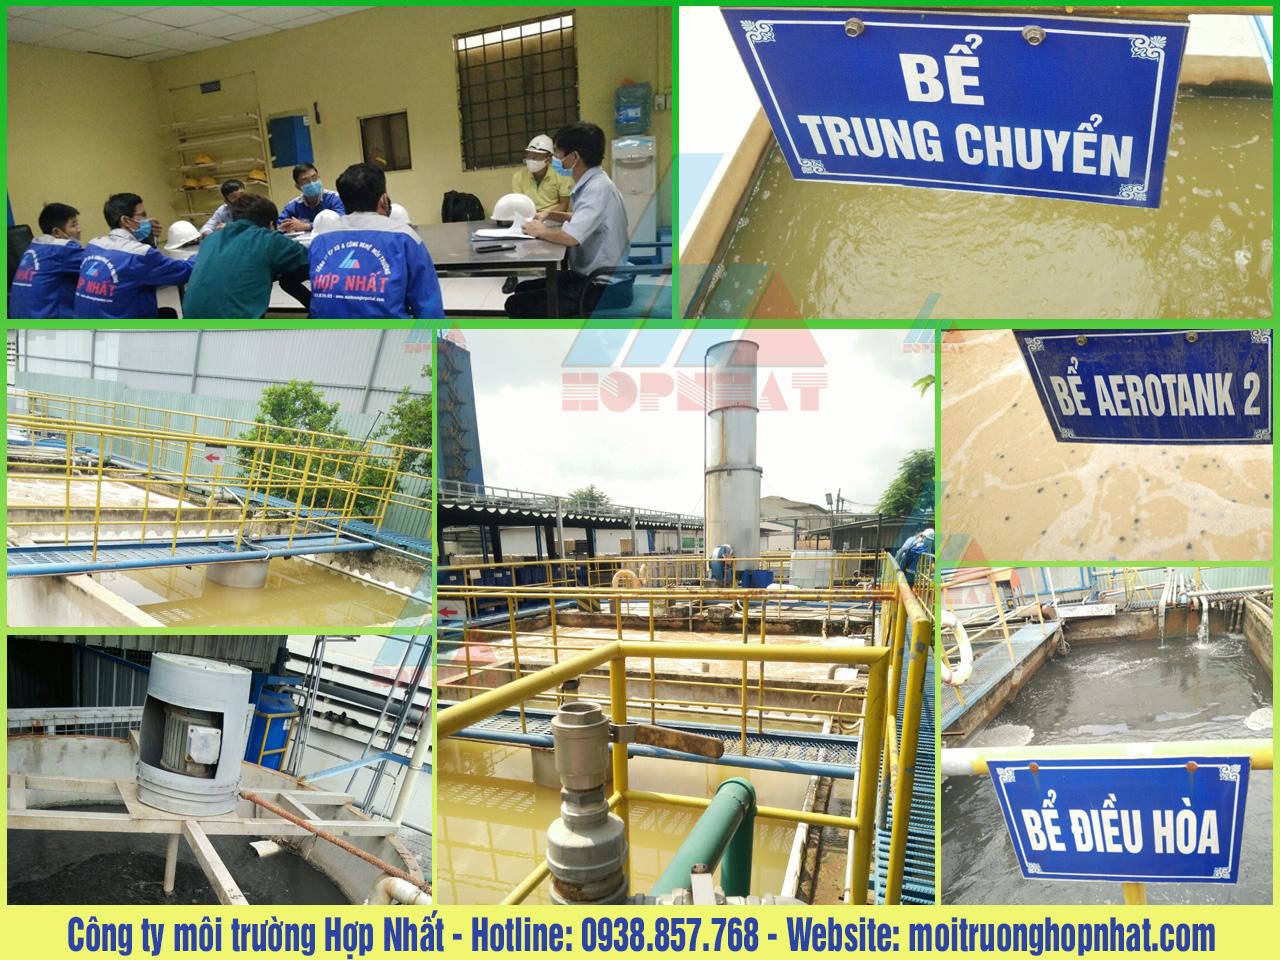 Dự án cải tạo hệ thống - Công ty Chăn nuôi C.P